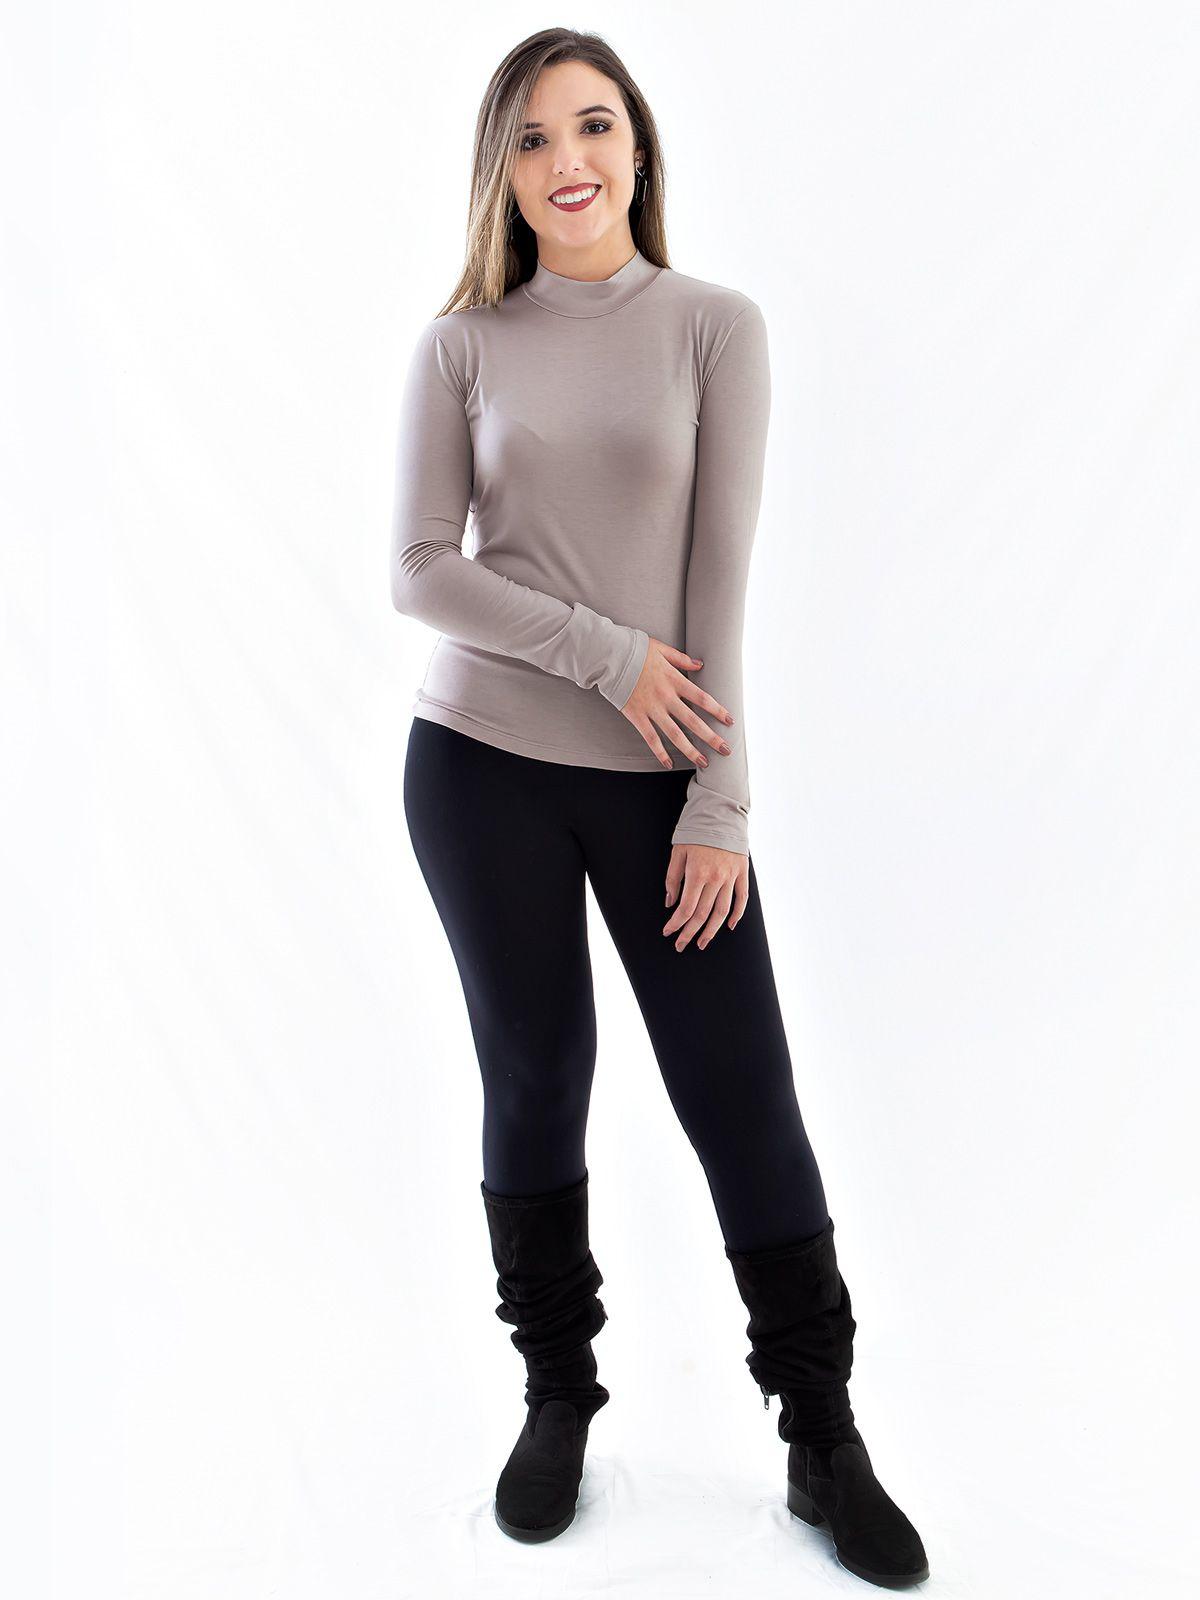 Blusa Feminina de Viscolycra Gola Alta Anistia Areia